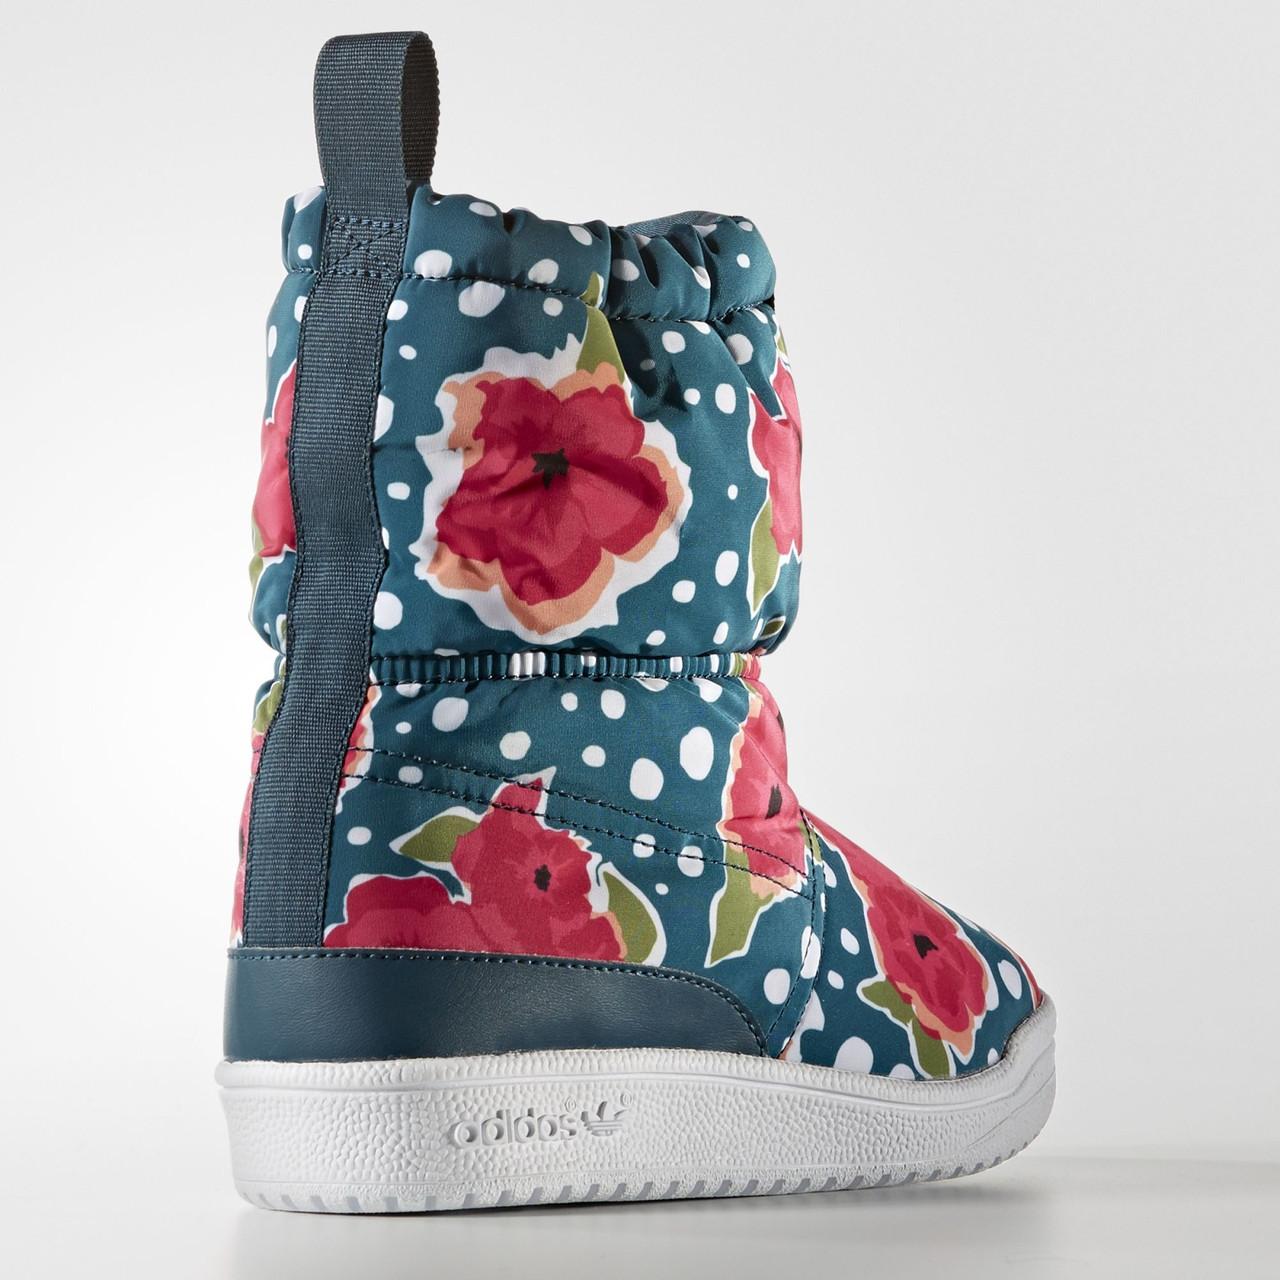 ... Детские ботинки зимние для девочек Adidas Originals (Артикул  S76120),  ... 9c209240a74